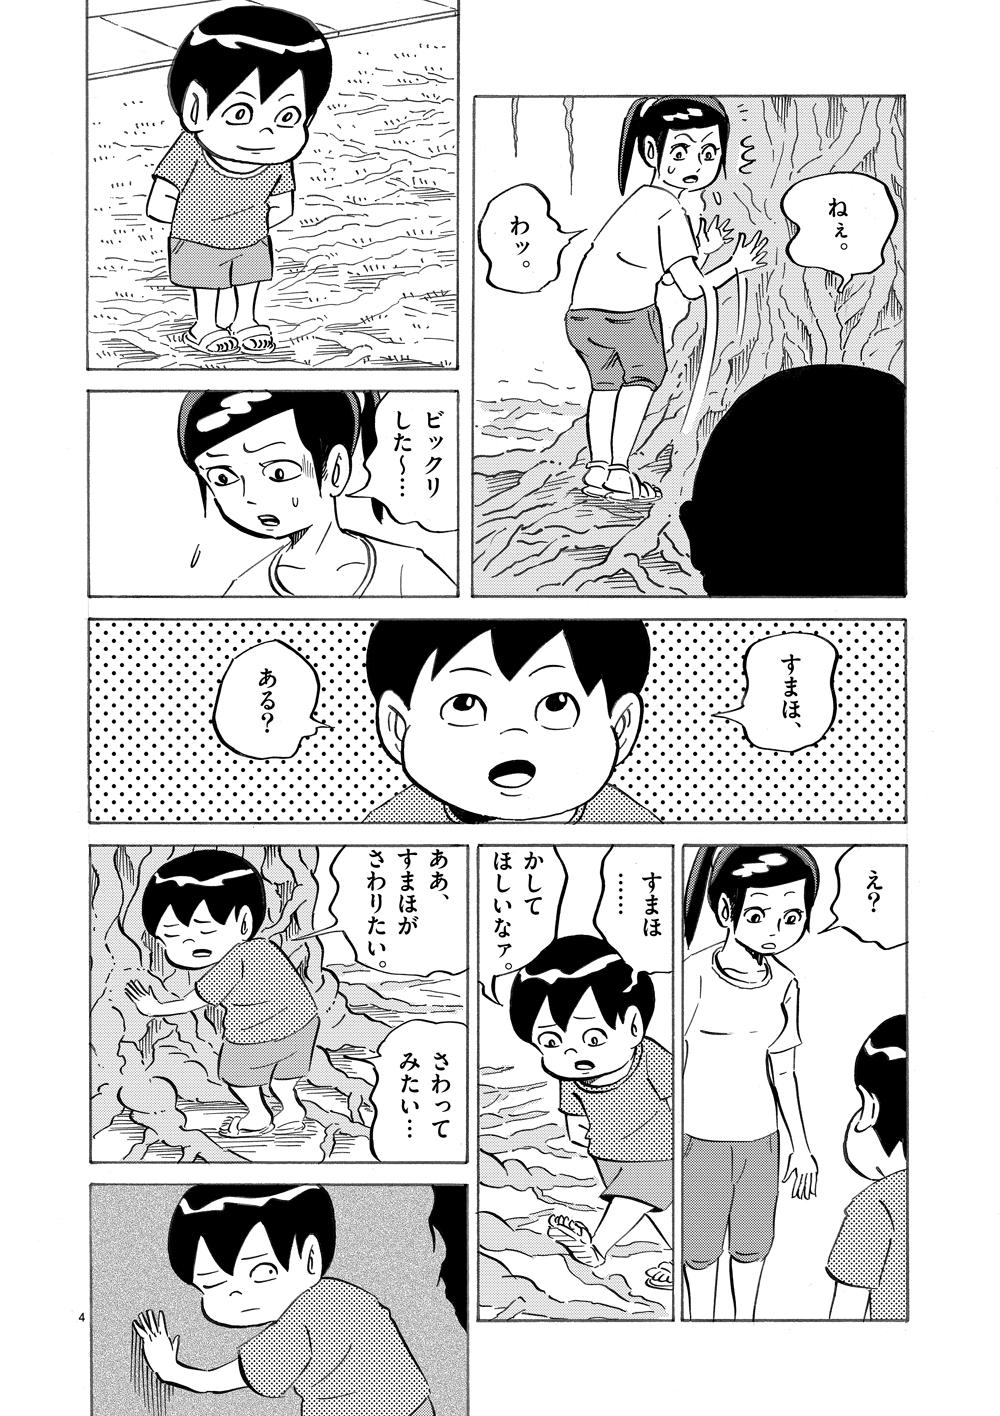 琉球怪談 【第6話】WEB掲載4ページ目画像